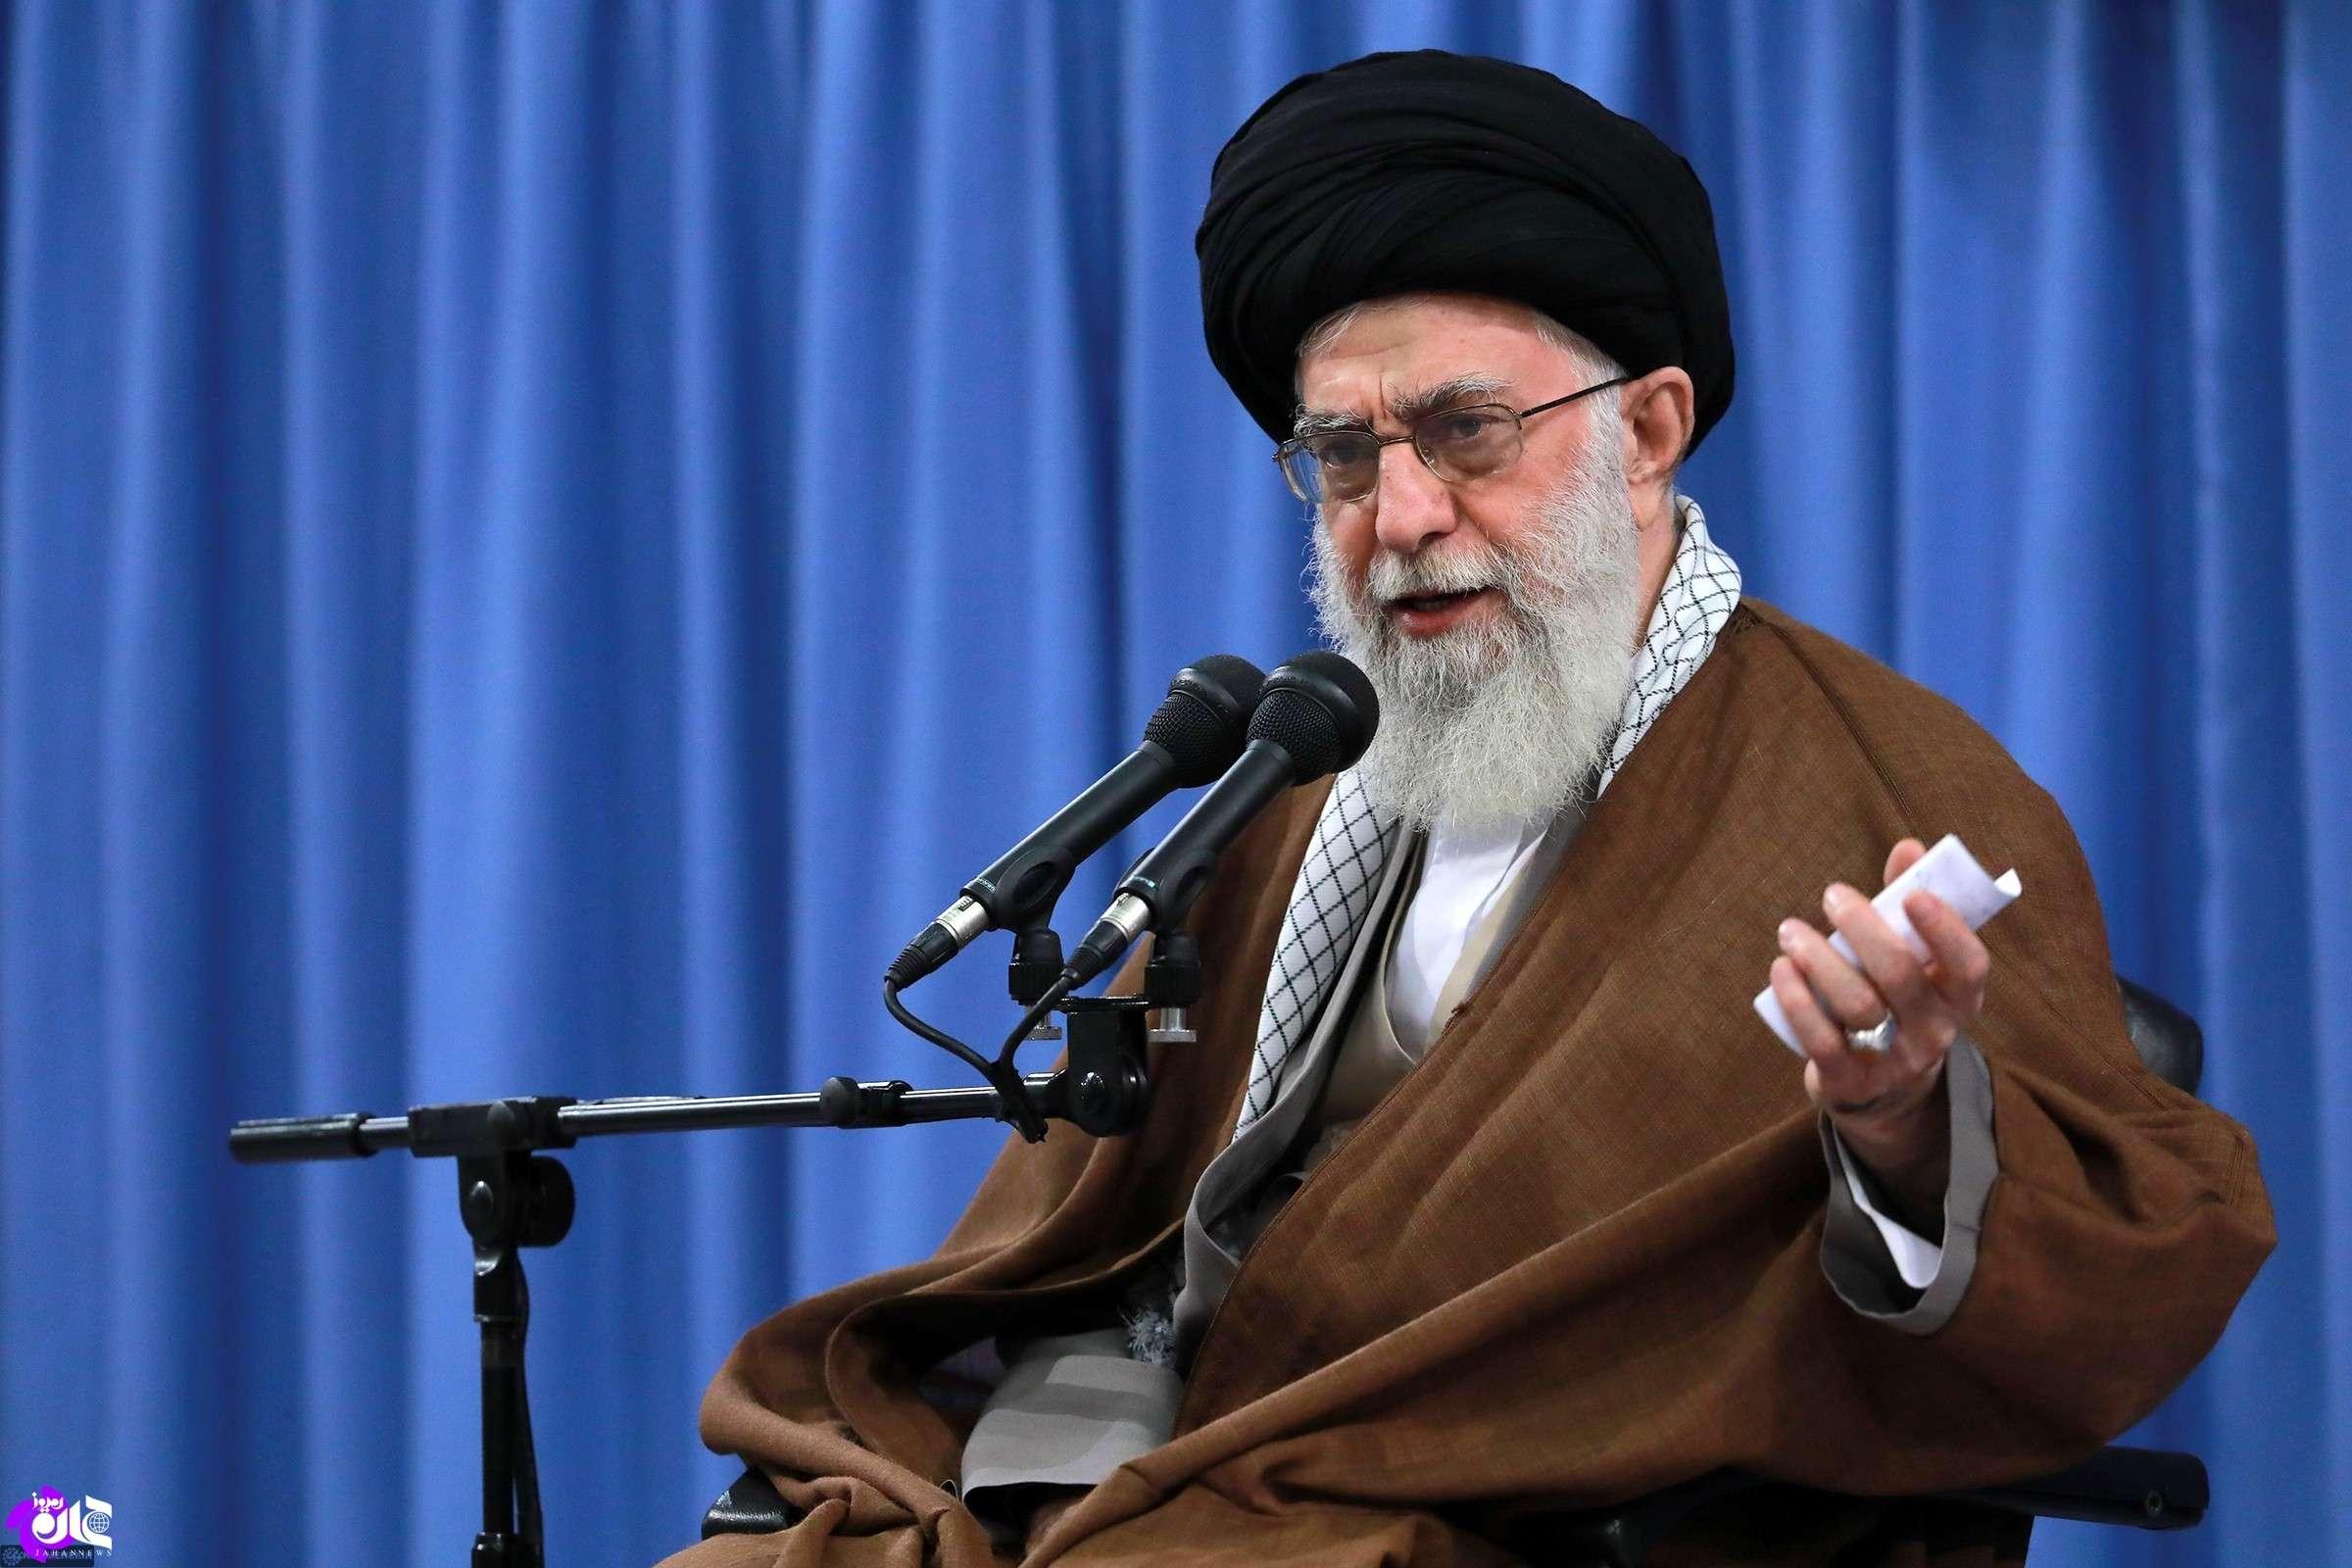 رهبر معظم انقلاب در بیانیه «گام دوم انقلاب»:  تسلیم در برابر دشمن برای حل مشکلات اقتصادی، خطایی نابخشودنی است